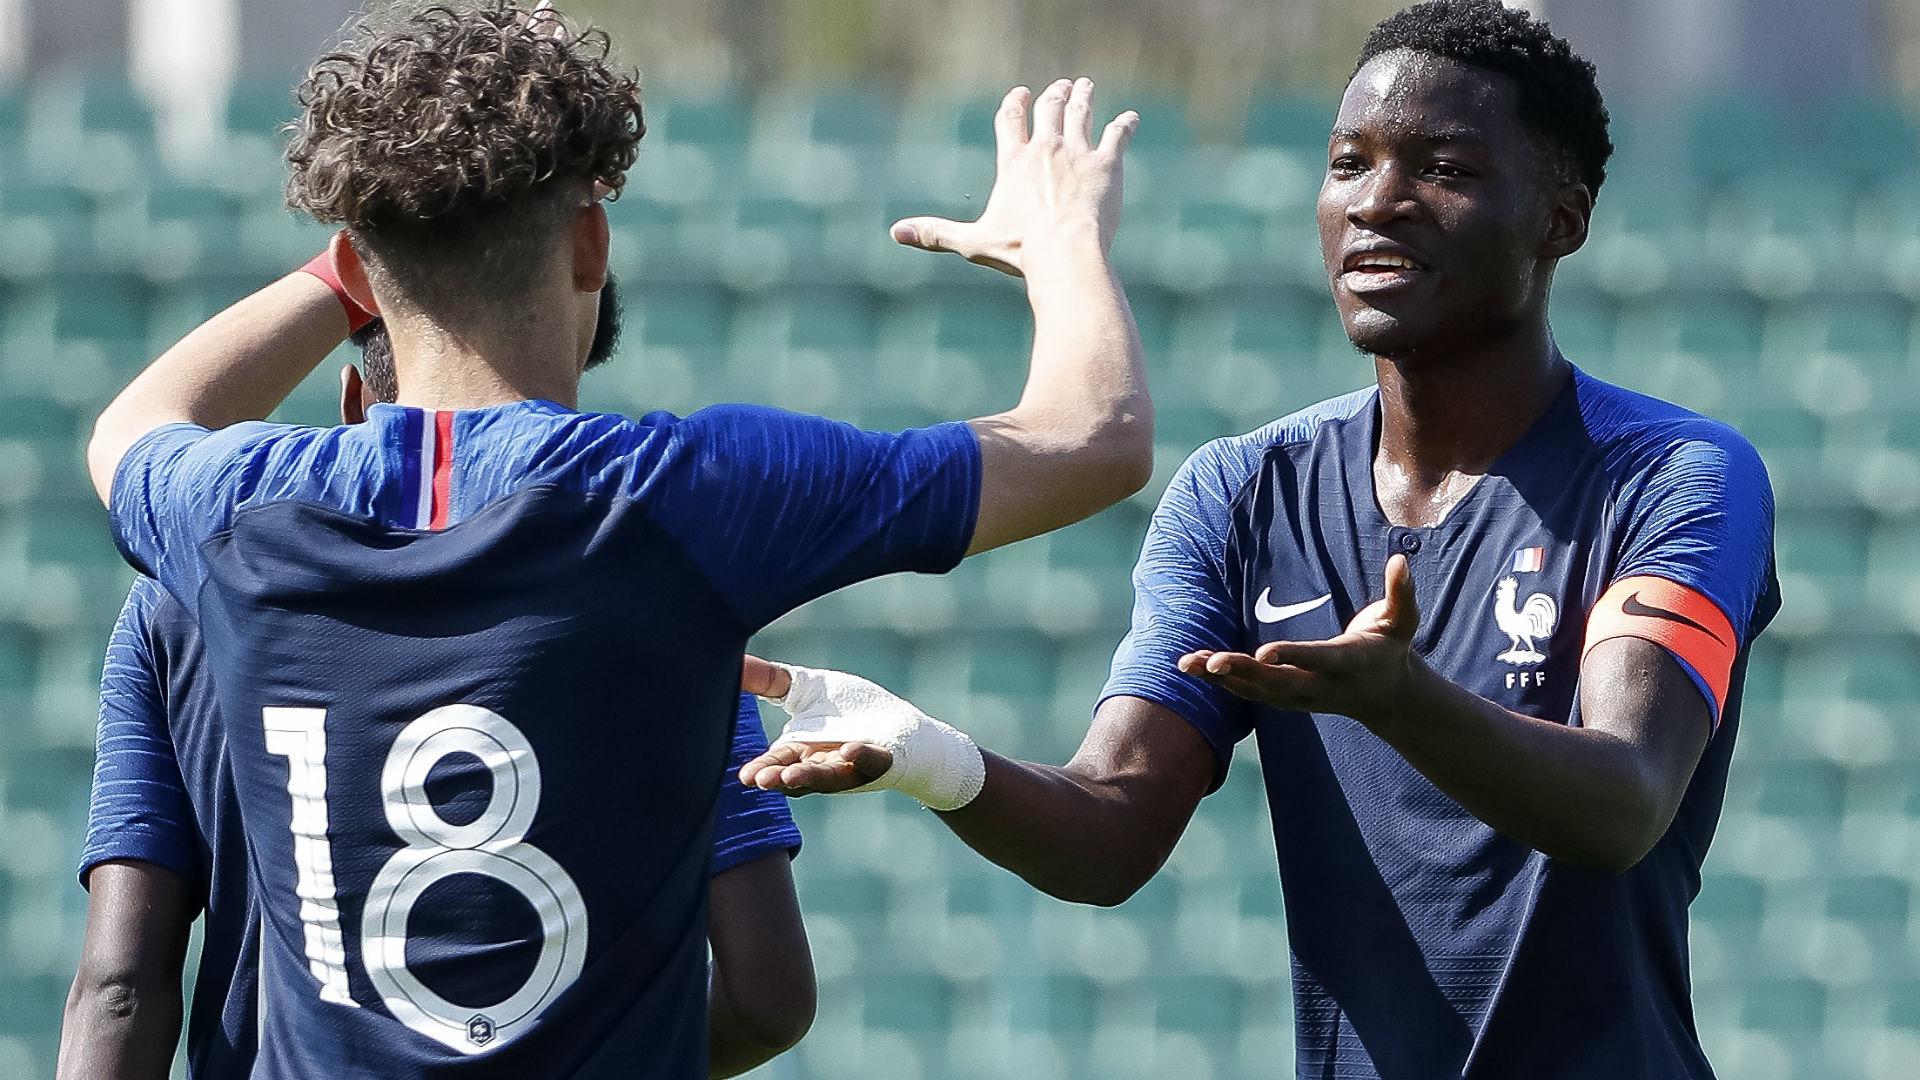 Mondial -17 ans - La France enchaine et entrevoit les 8es